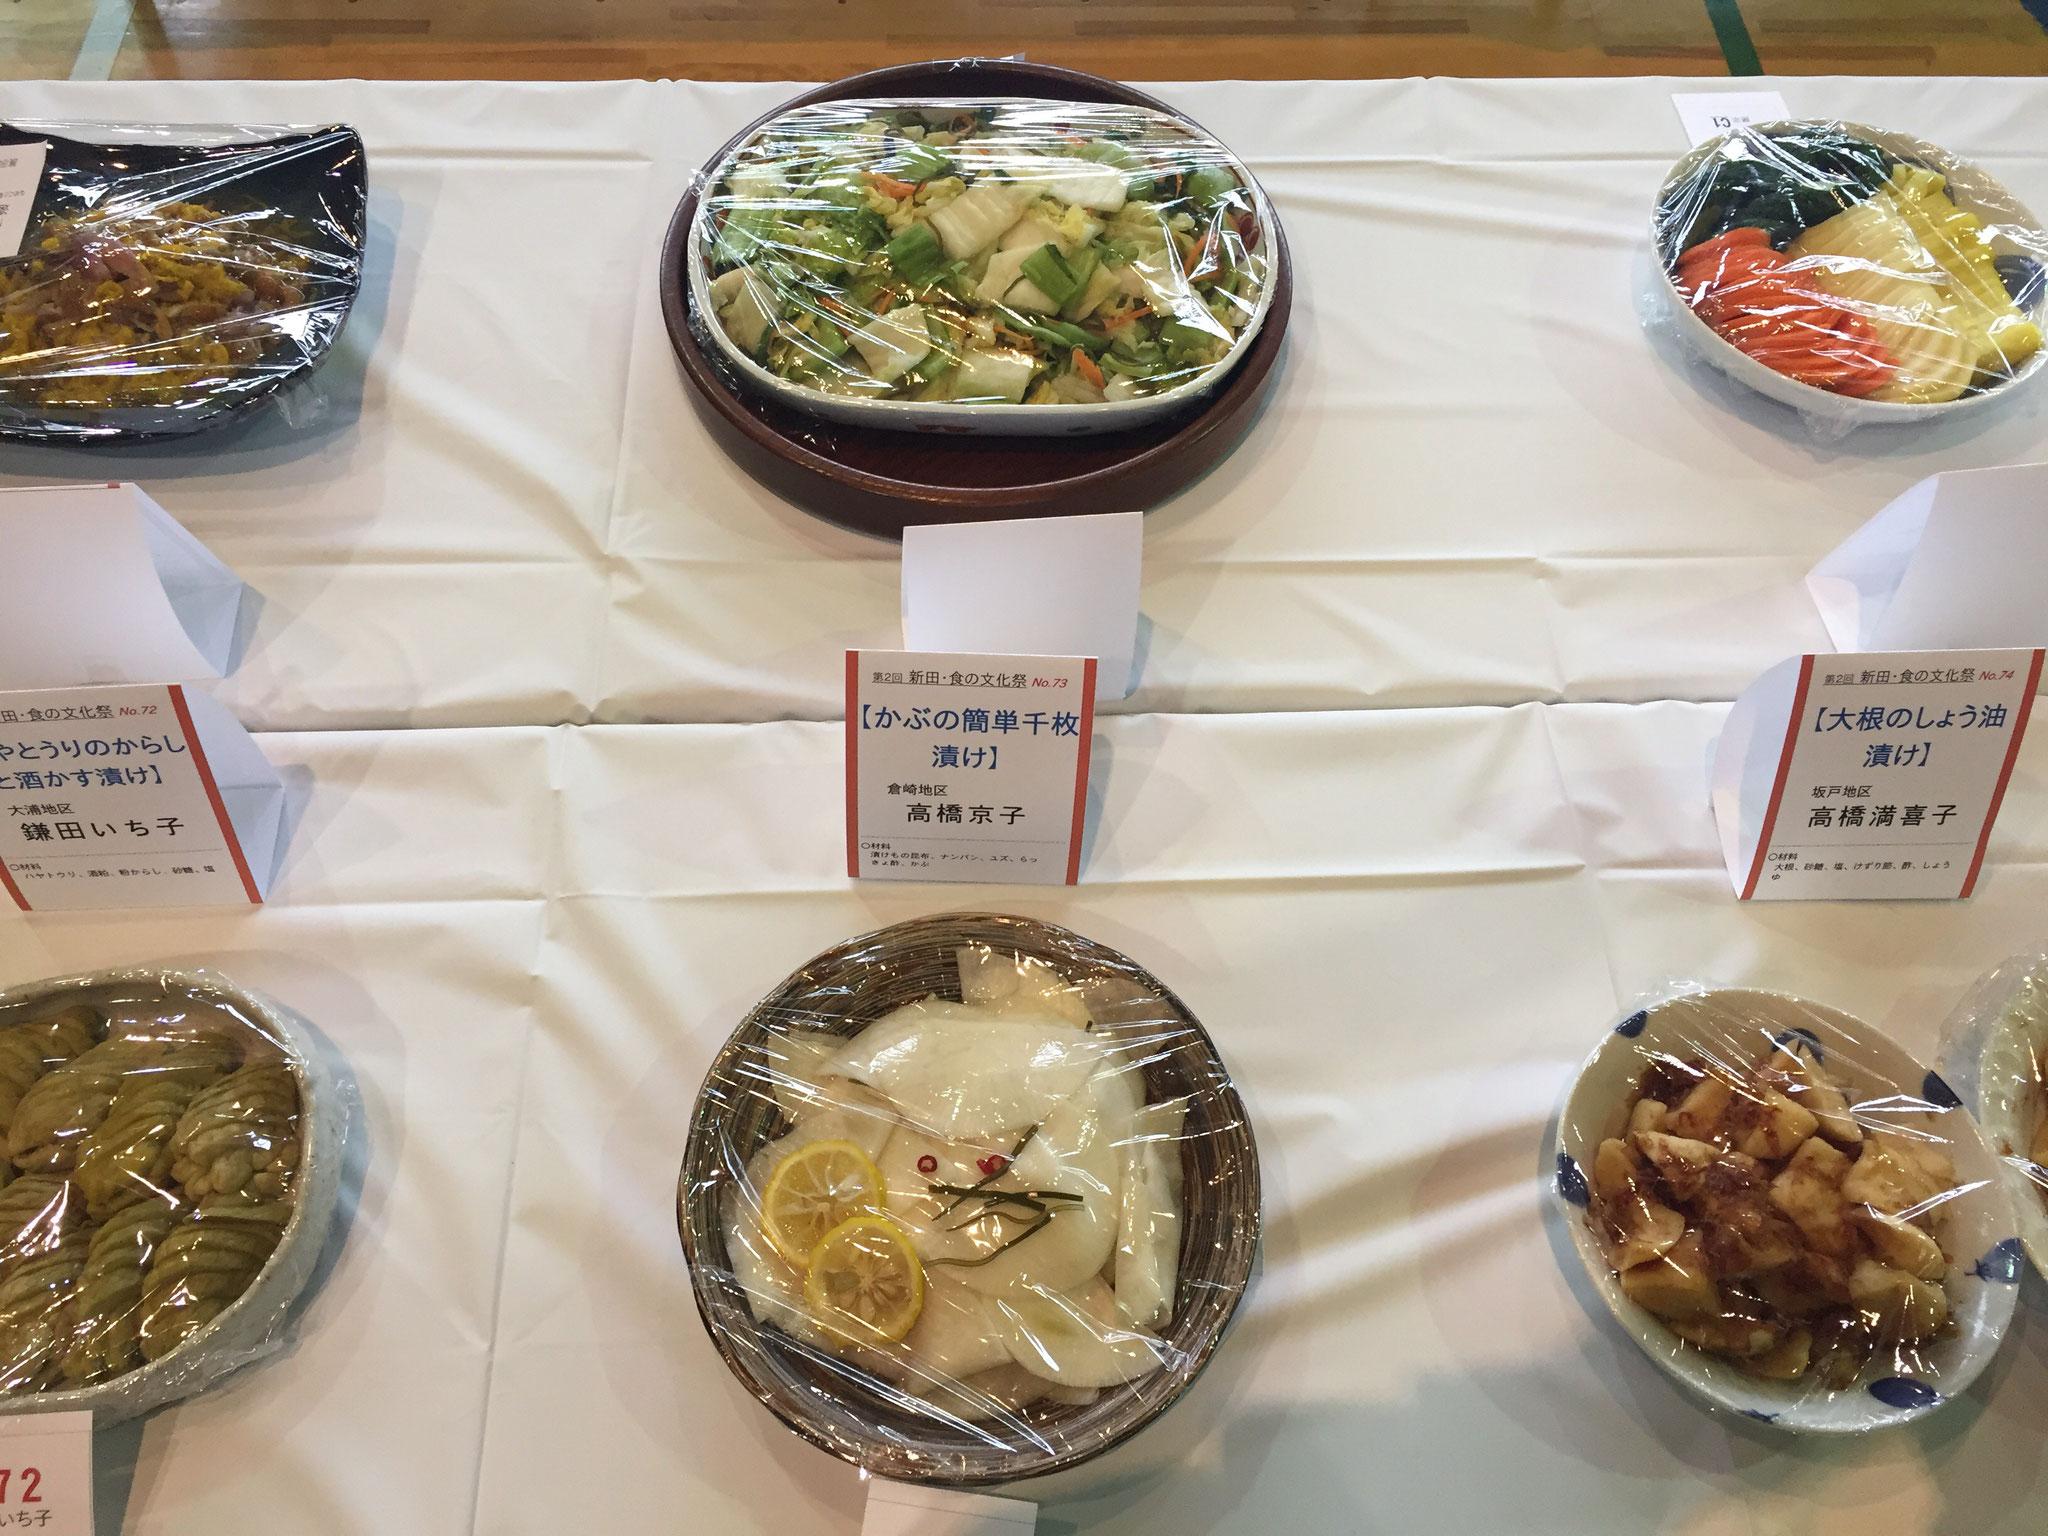 季節の食材がふんだんに使われたお料理たち。一品一品に、お母さんの愛情を感じます…。